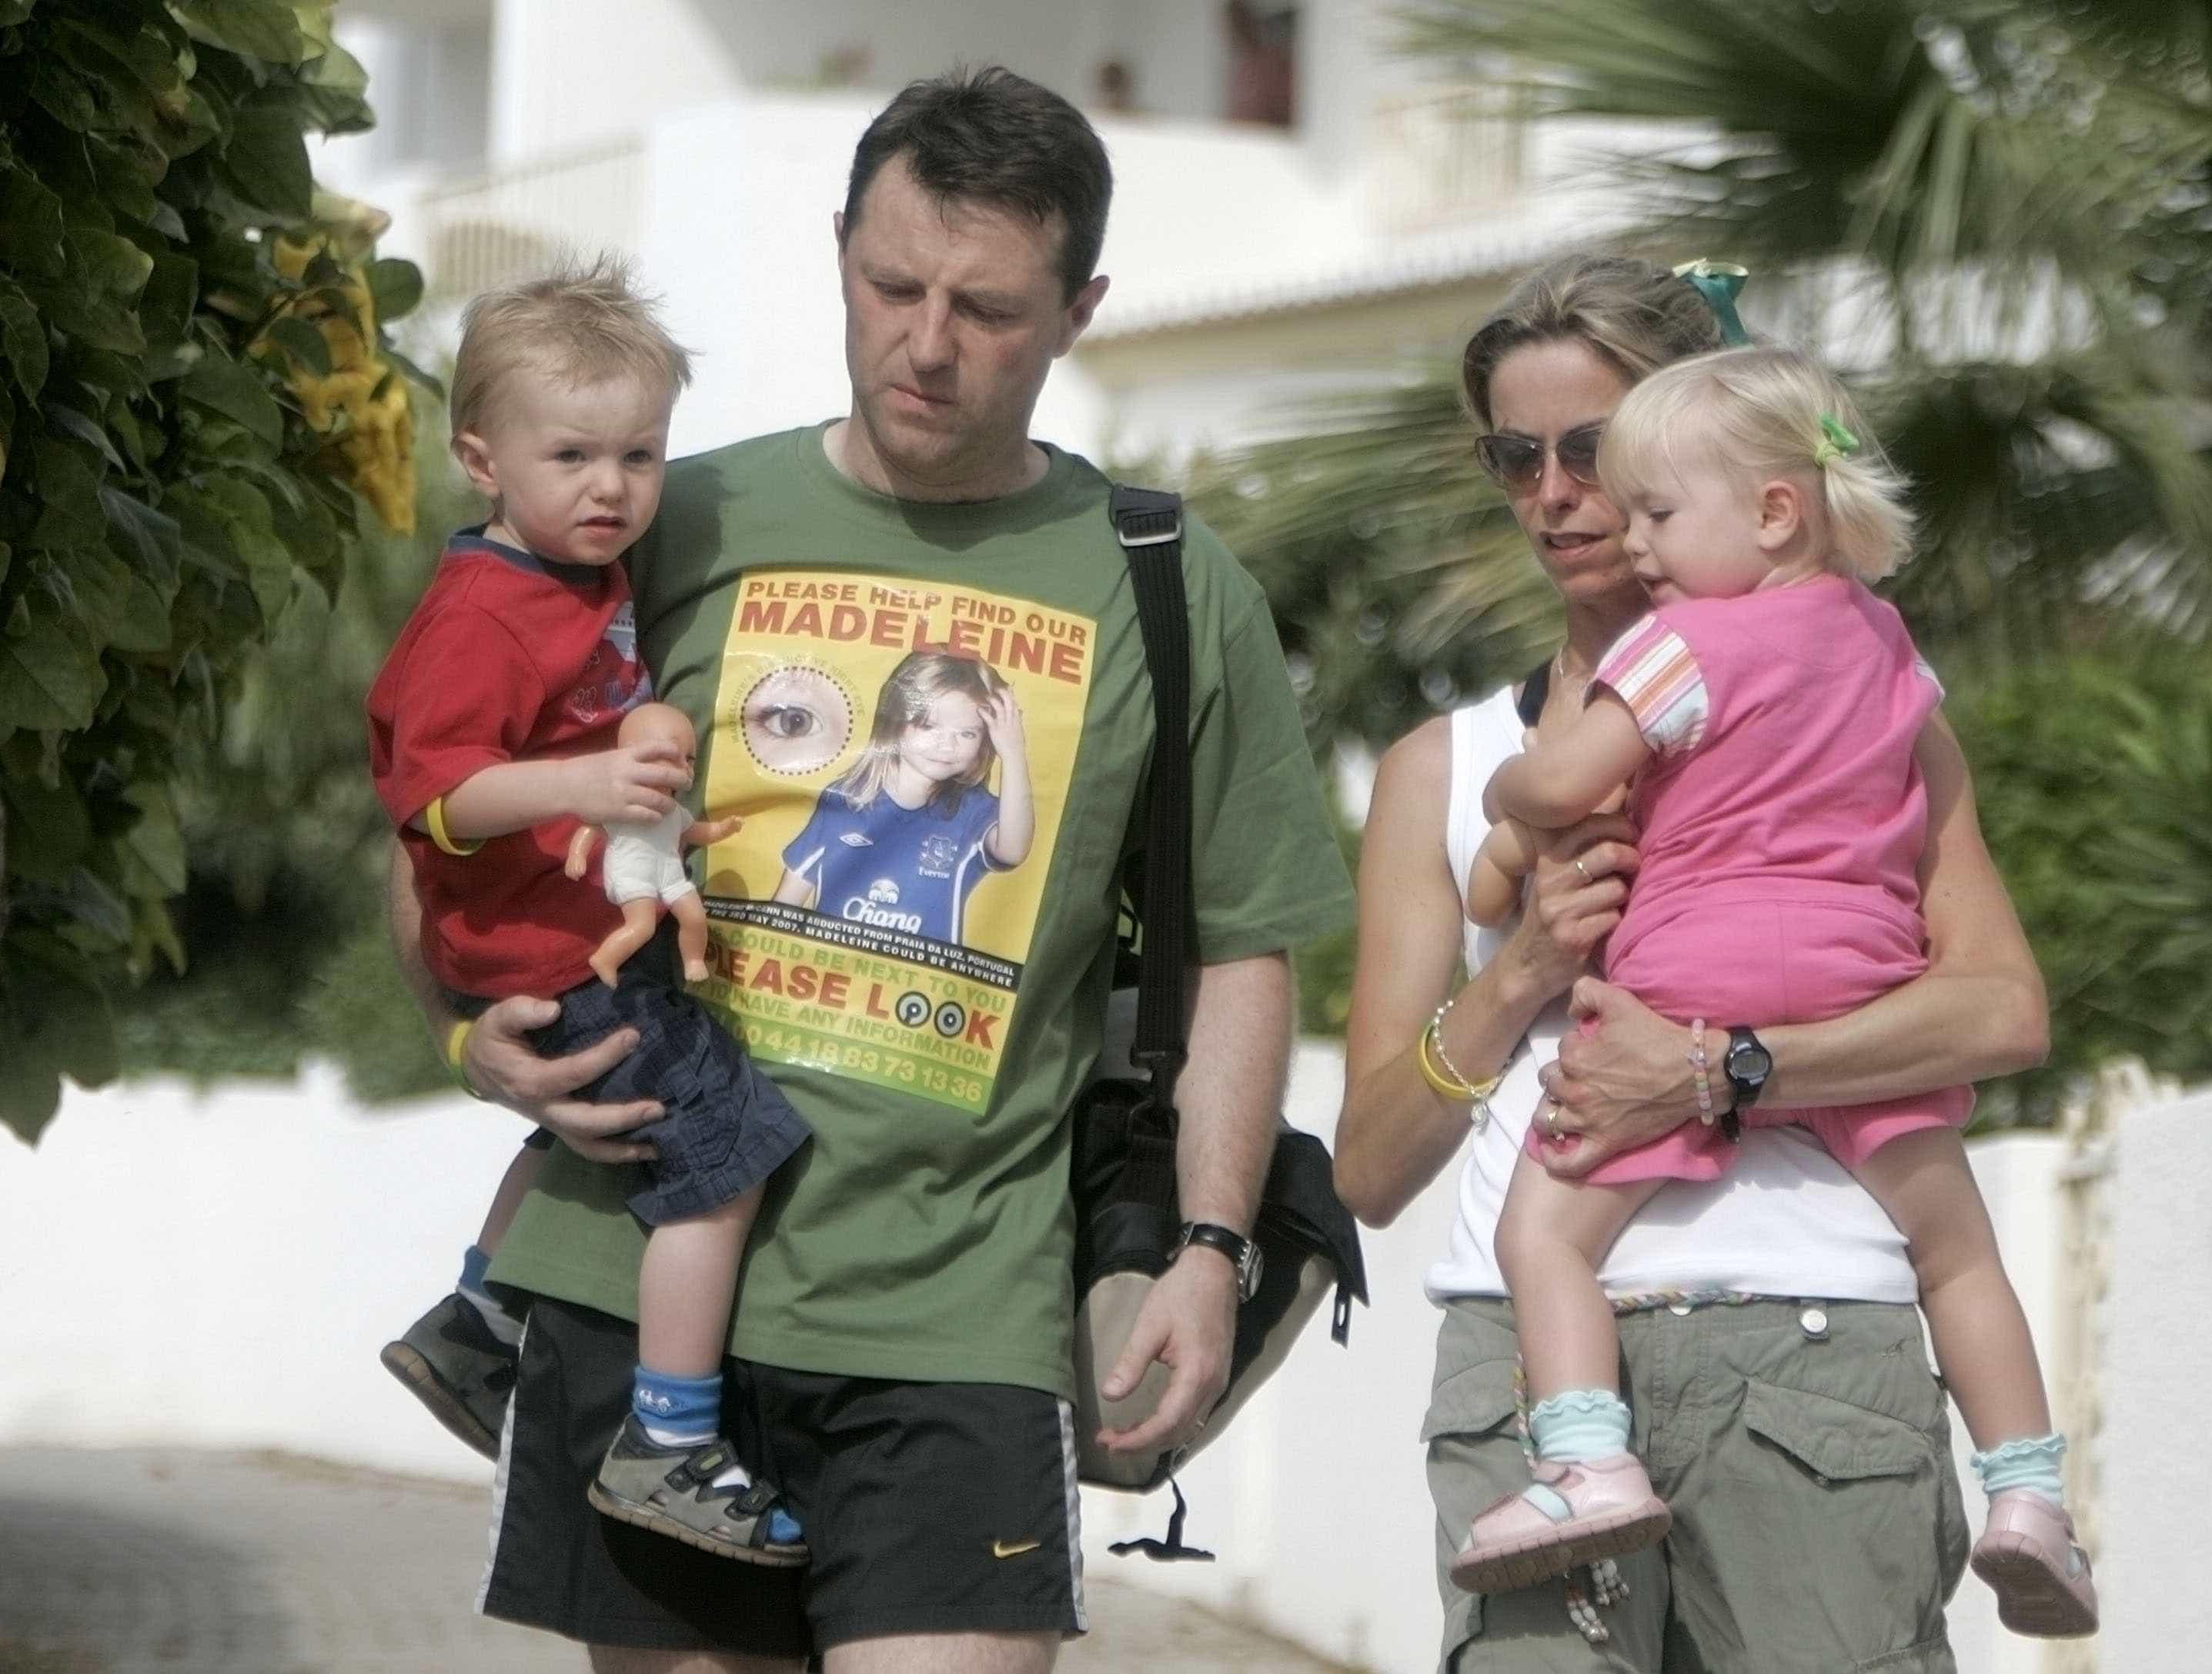 Caso Maddy: Polícia esteve perto de confirmar envolvimento dos pais